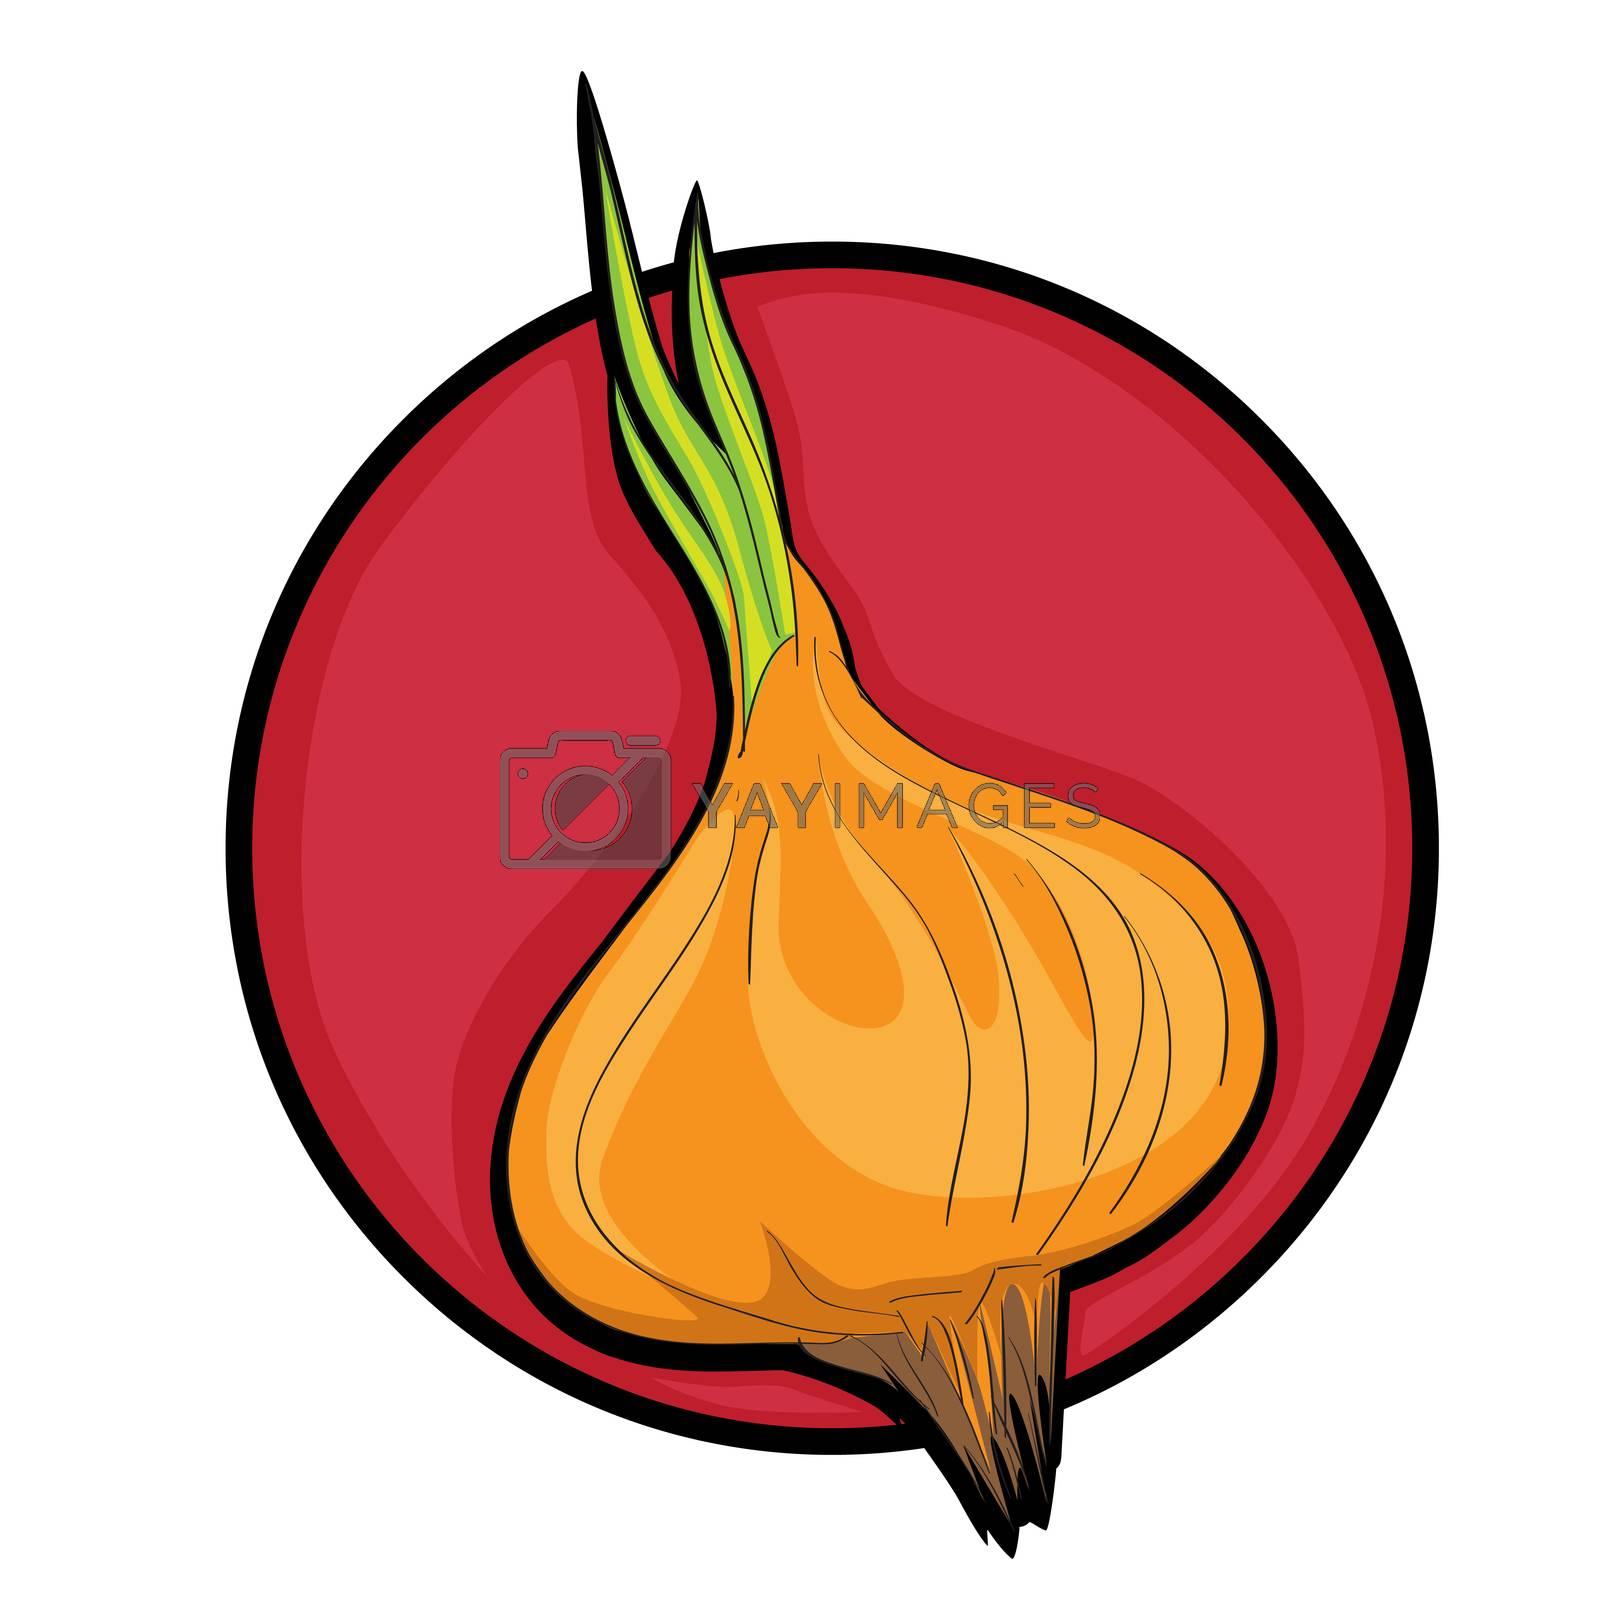 Beautiful onion clip art, cartoon illustration isolated on white